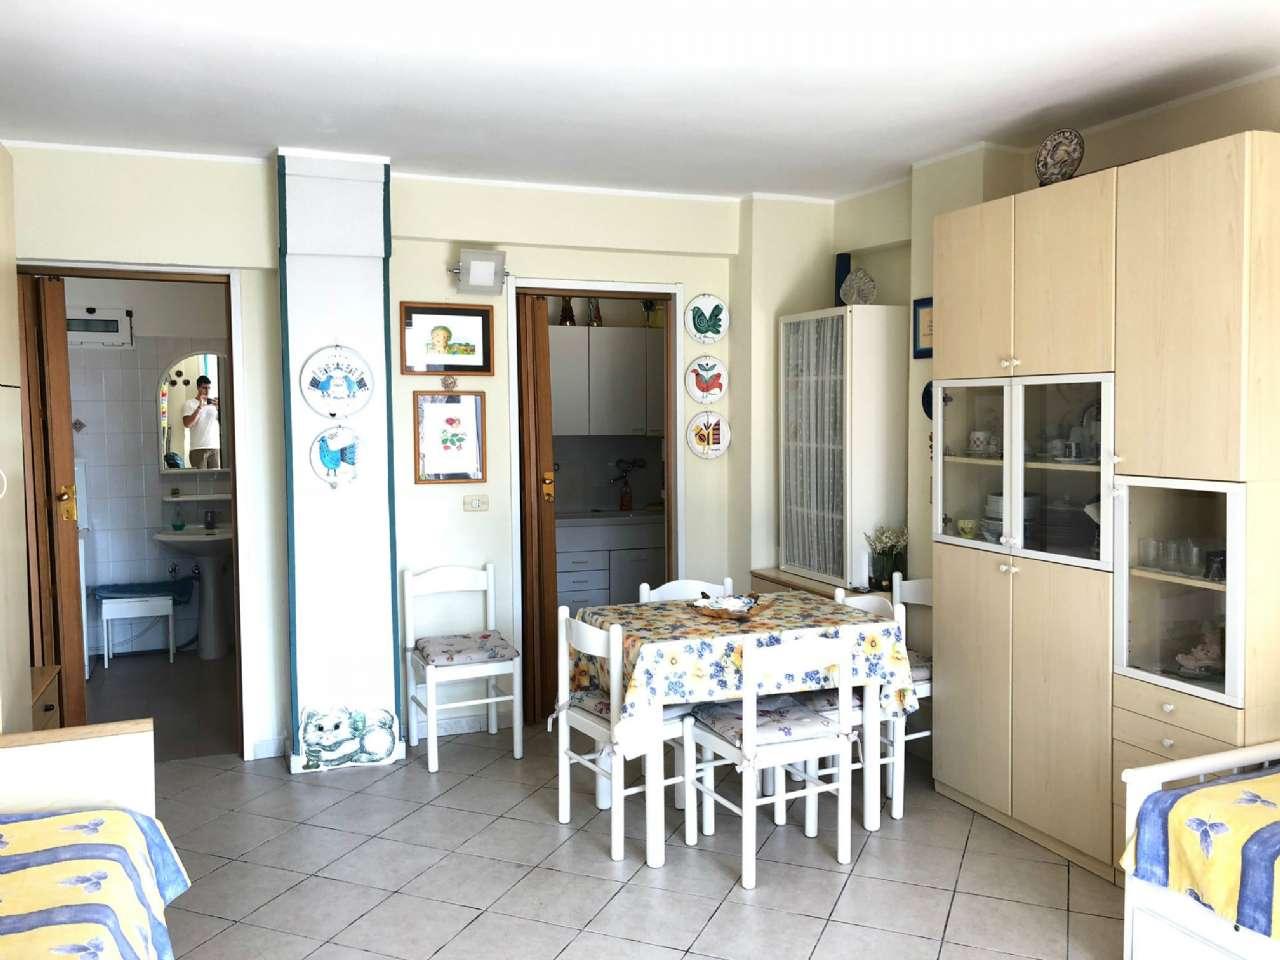 Appartamento in vendita a Ceriale, 1 locali, prezzo € 98.000 | CambioCasa.it